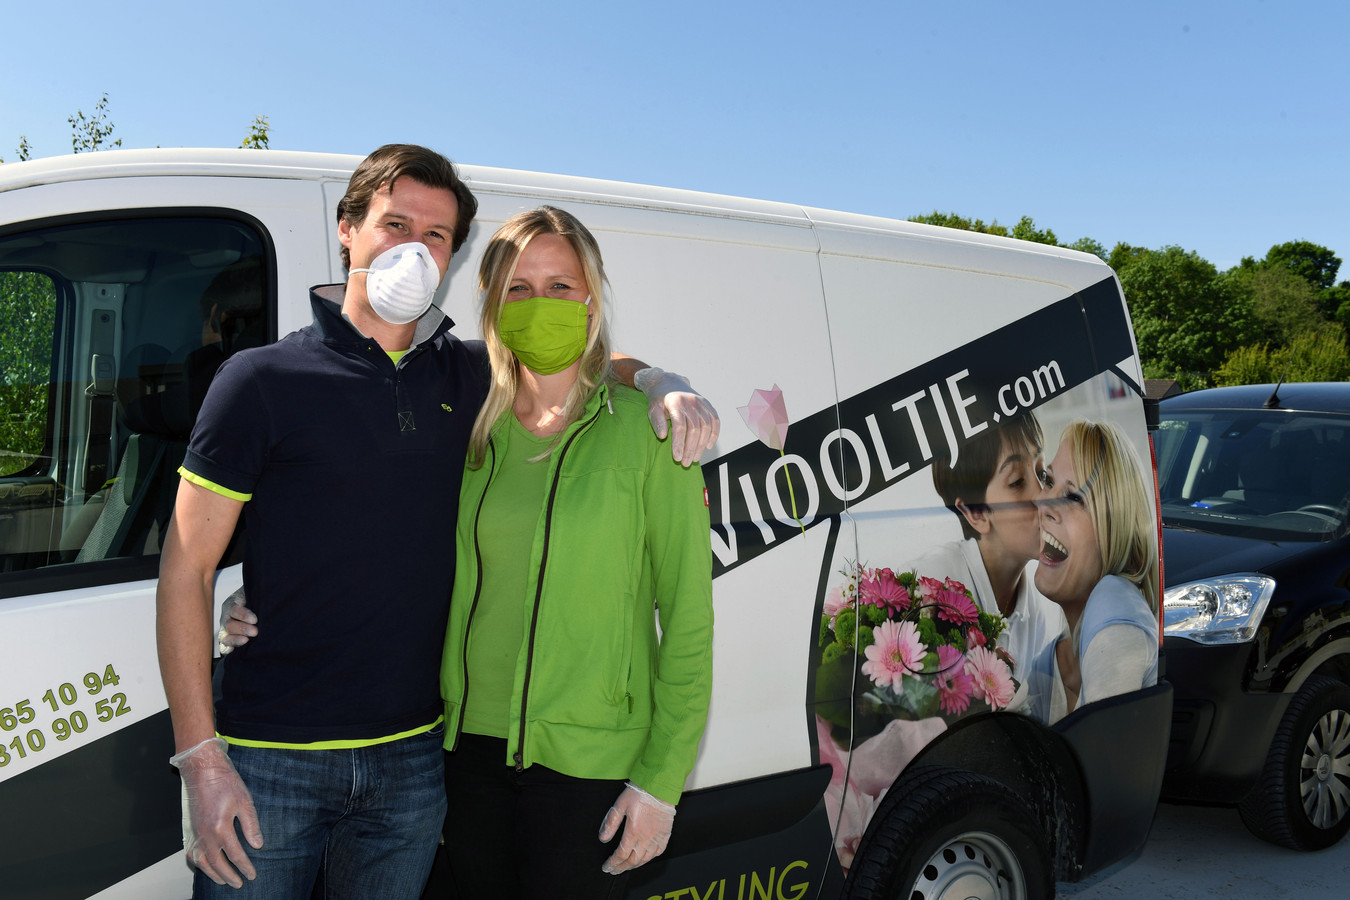 Kim De Vleeschouwer en zijn vrouw Natacha Soetaert van Het Viooltje zijn tevreden dat drie handelaars hen zondag helpen om de Moederdagboeketten te verdelen.